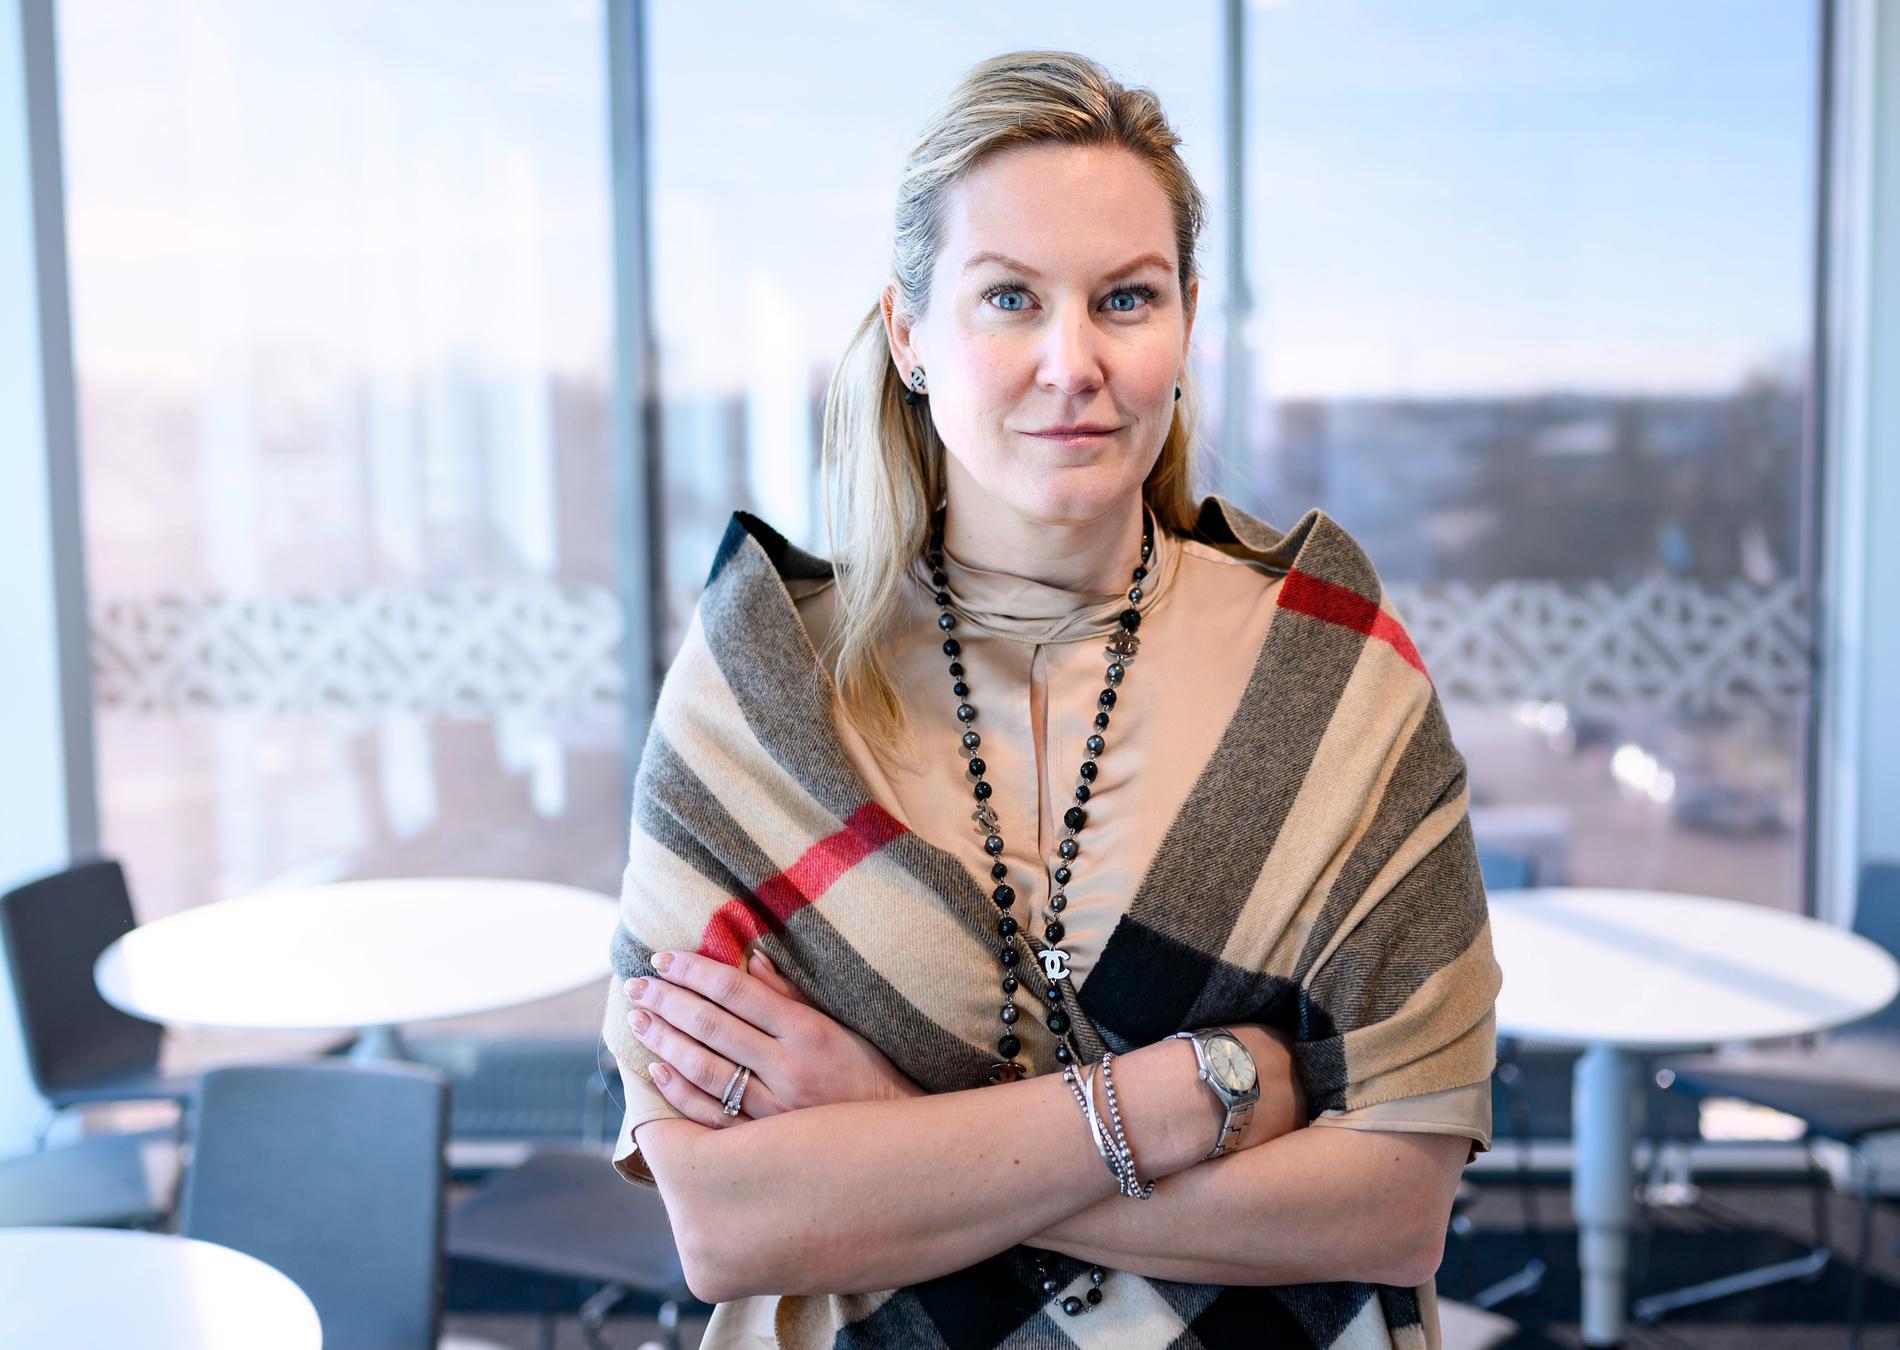 Det Sverigedemokratiska kommunalrådet Cecilia Bladh in Zito ska ha försökt påverka politiker att inte tala med media.